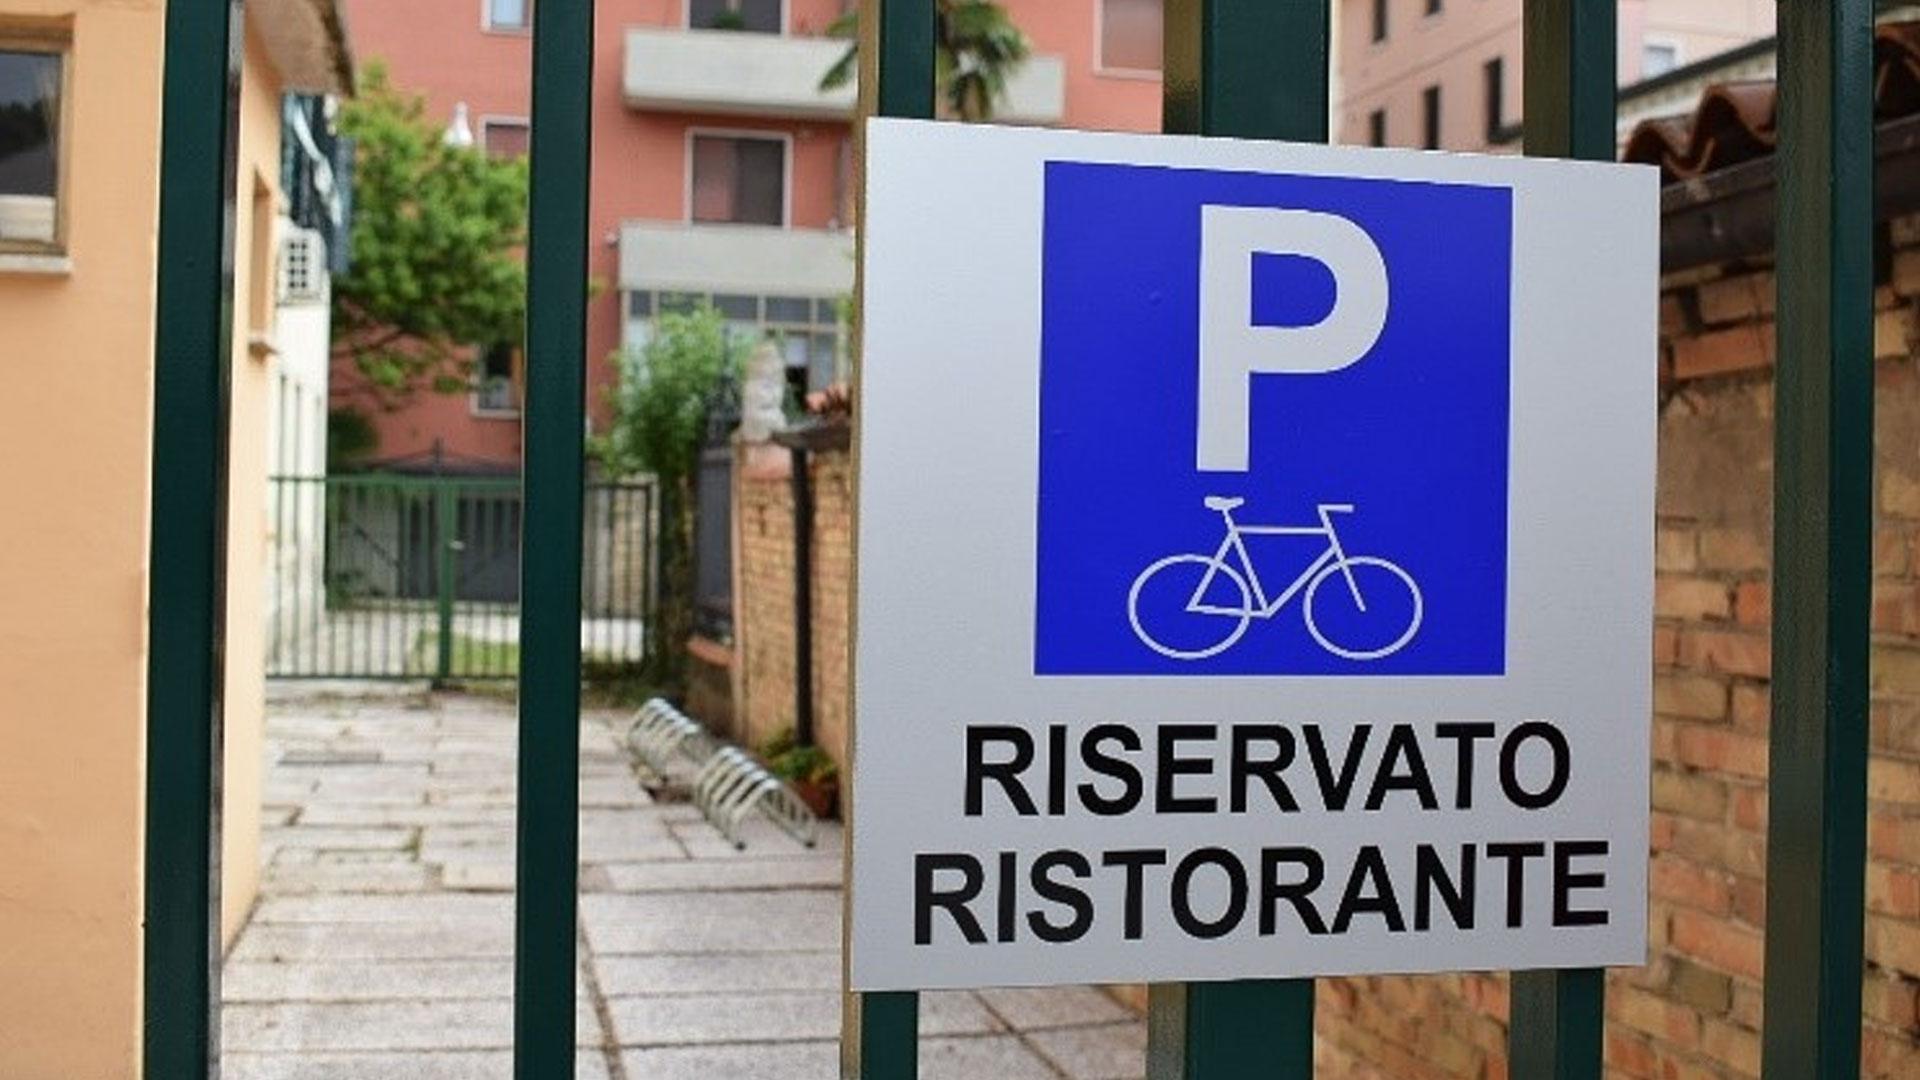 Antica-Hostaria-Dante-Alighieri-Parcheggio-Riservato-Biciclette